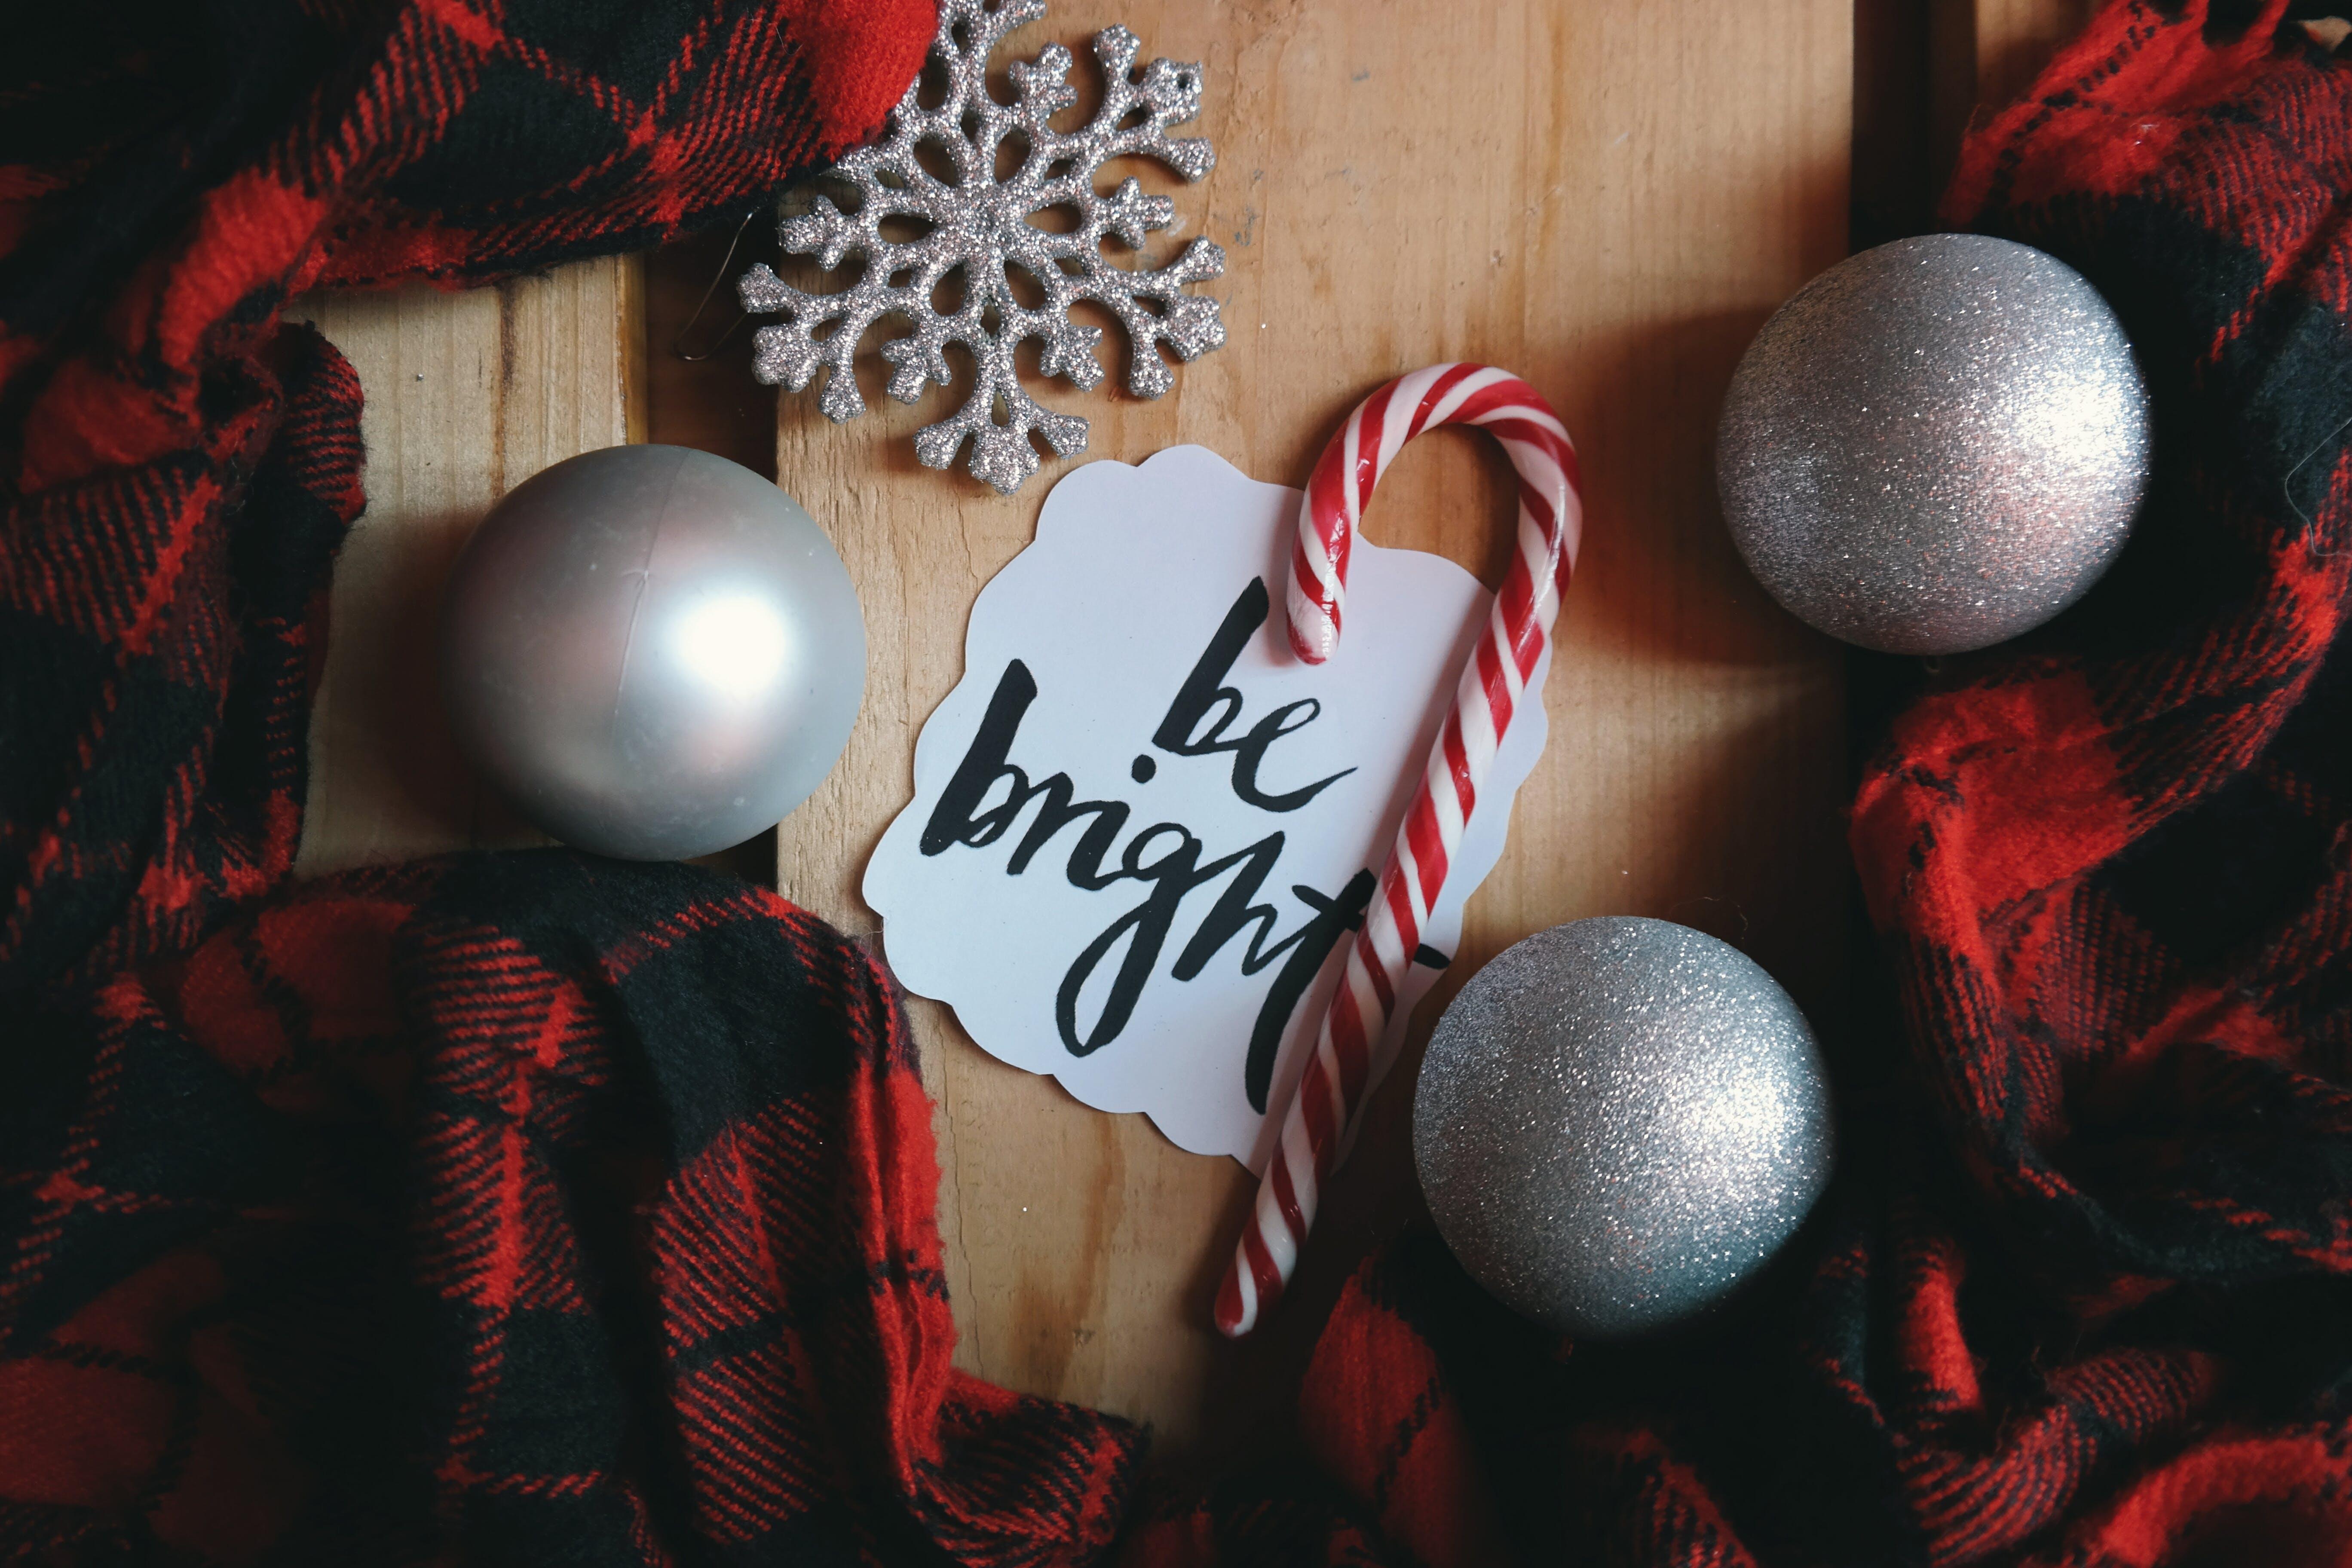 Kostnadsfri bild av godis, jul, julbollar, julinredning